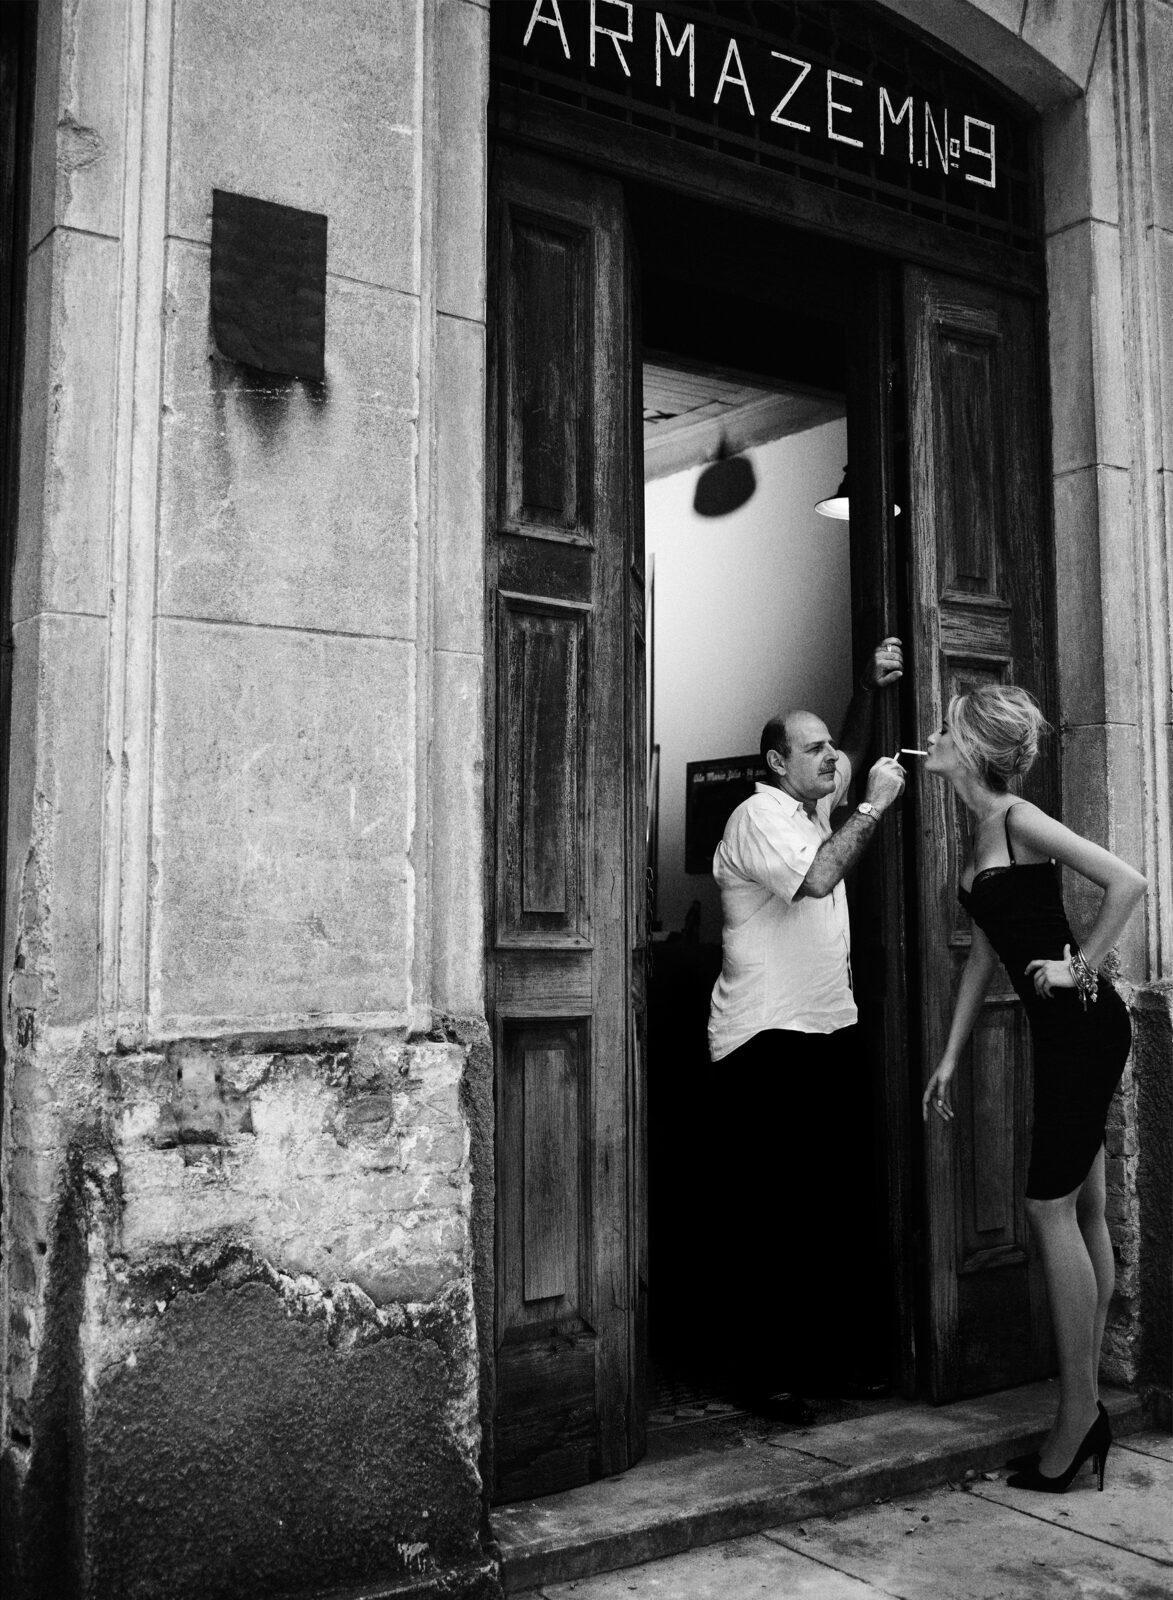 Лорис Кремерх для Elle Brazil, 2012. Фотограф Боб Вулфенсон